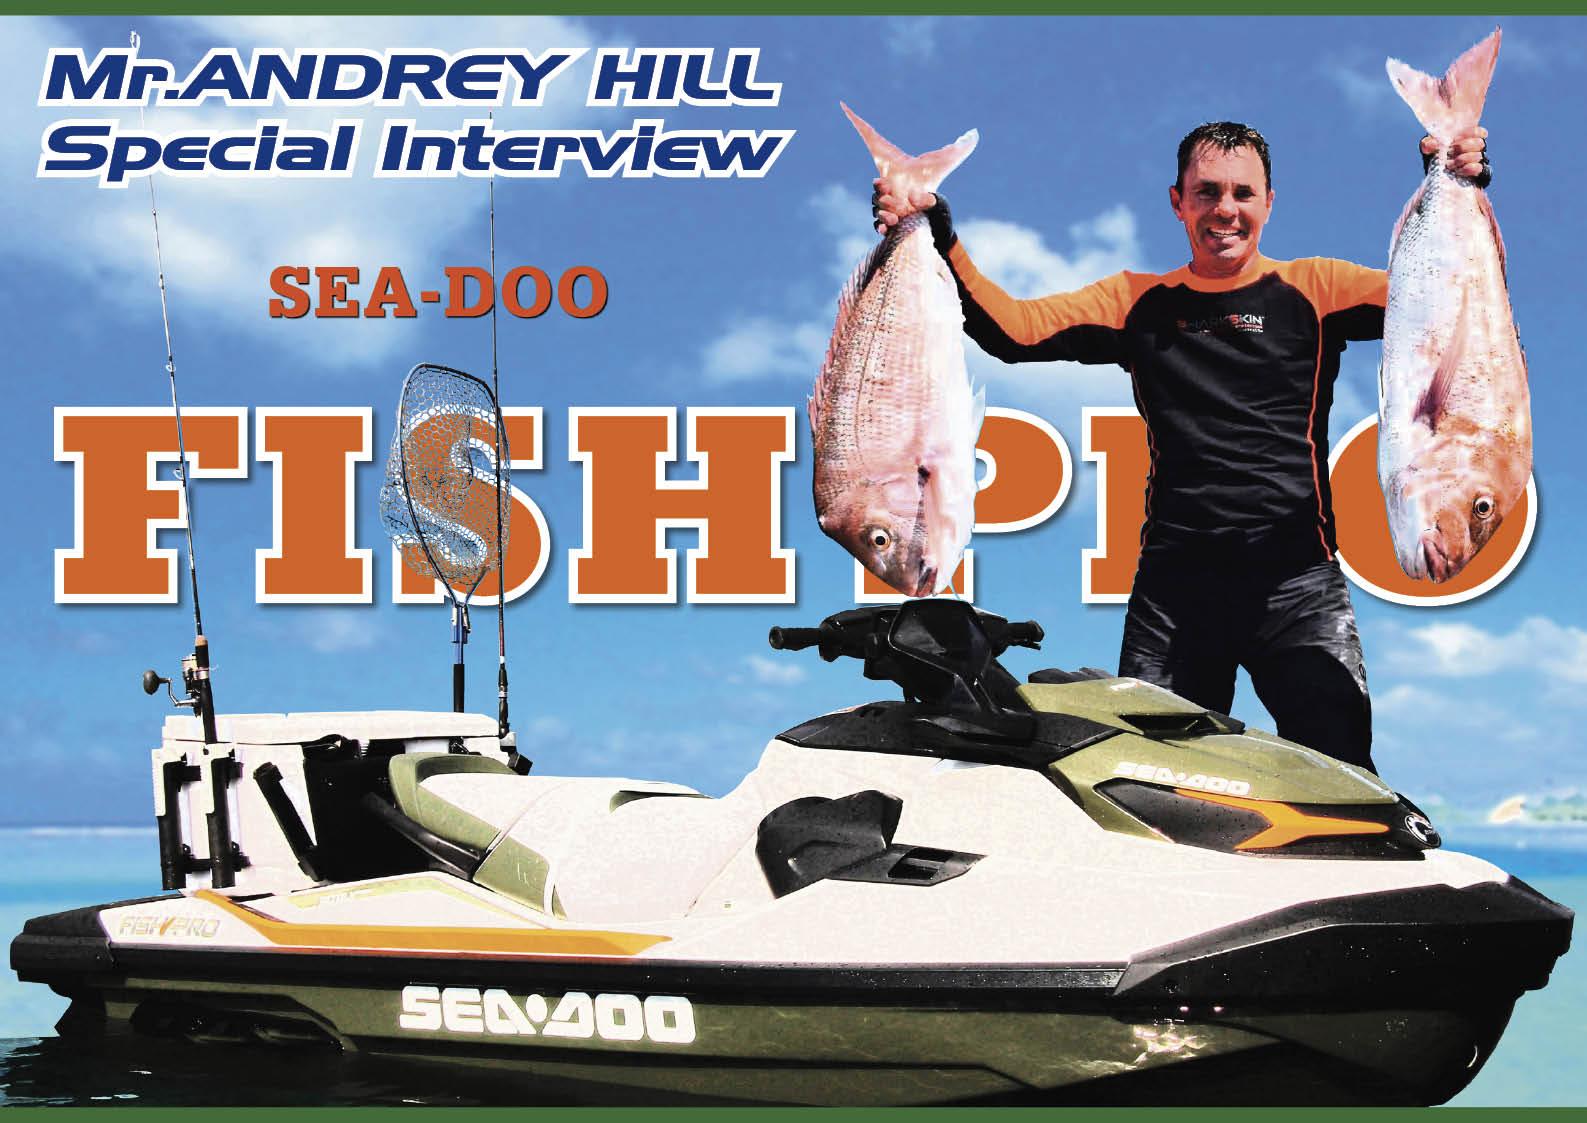 シードゥ FISH PRO(フィッシュプロ)「素朴な疑問、そこが知りたい」ニュージーランドの釣りのプロ・開発アンバサダー、アンドリュー・ヒル氏が語る ジェットスキー(水上バイク)